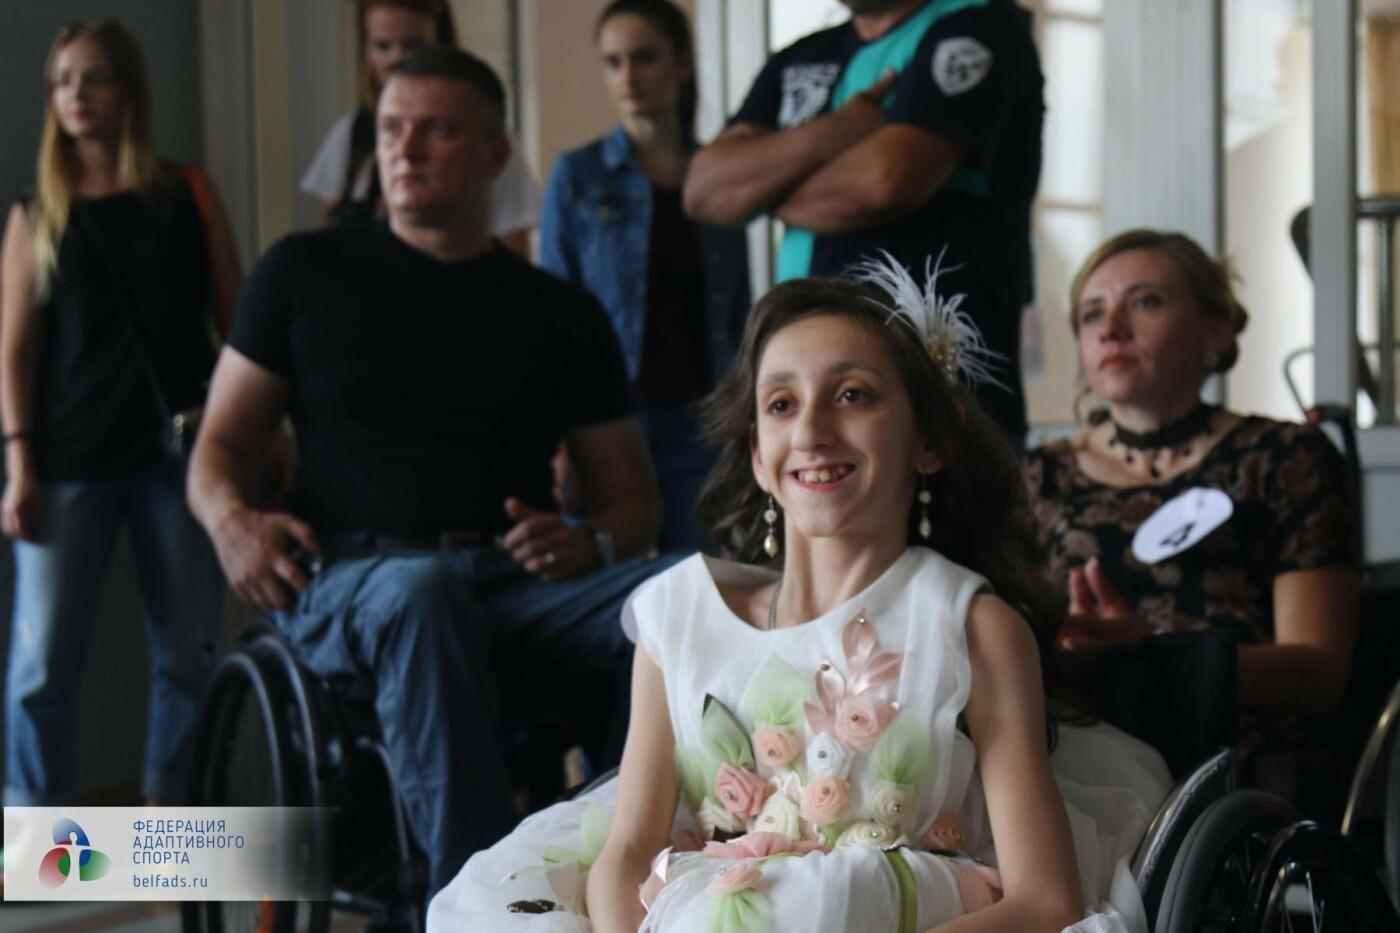 «Интереснее всего было учиться». В Белгороде состоялся второй инклюзивный бал, фото-1